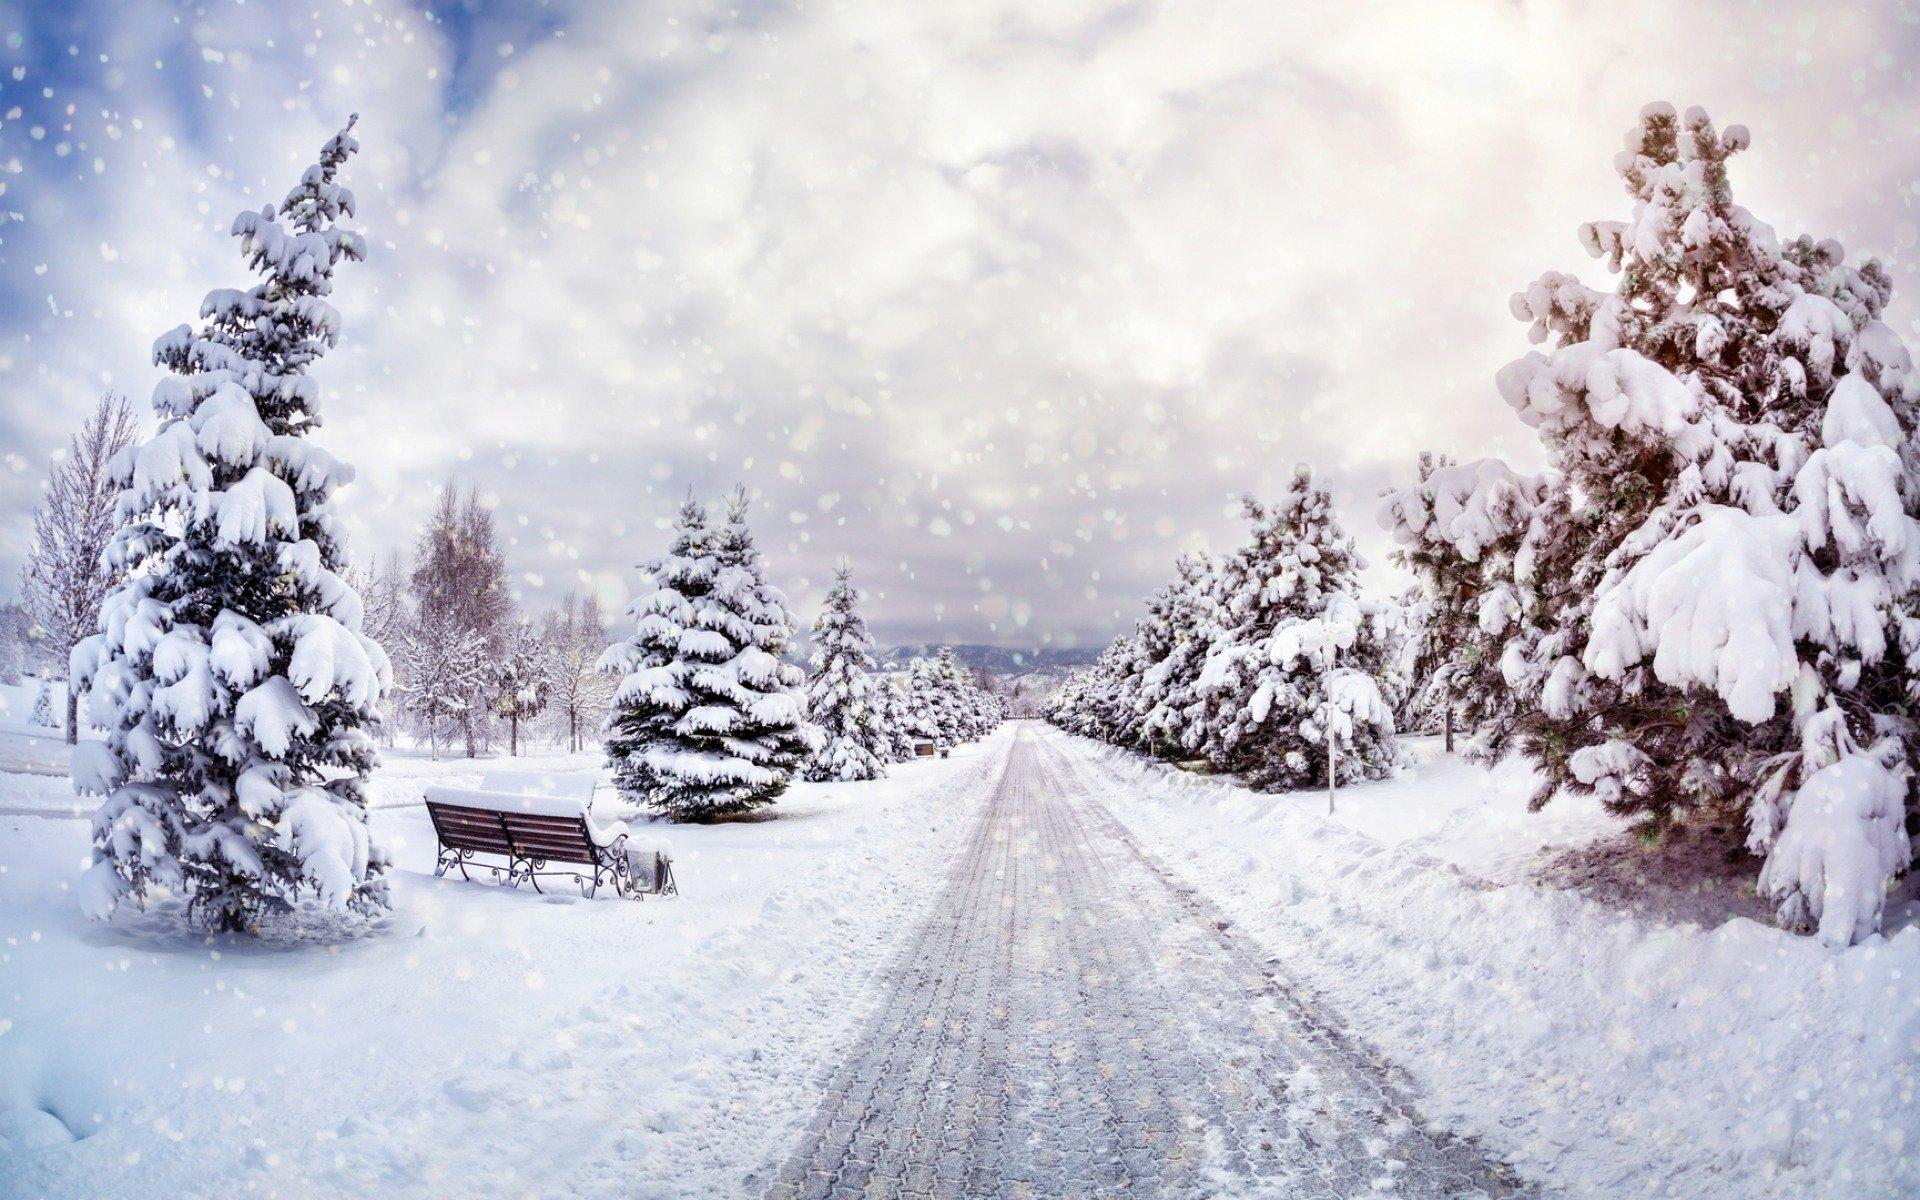 красивые картинки для фона зимние что екатерина специалист